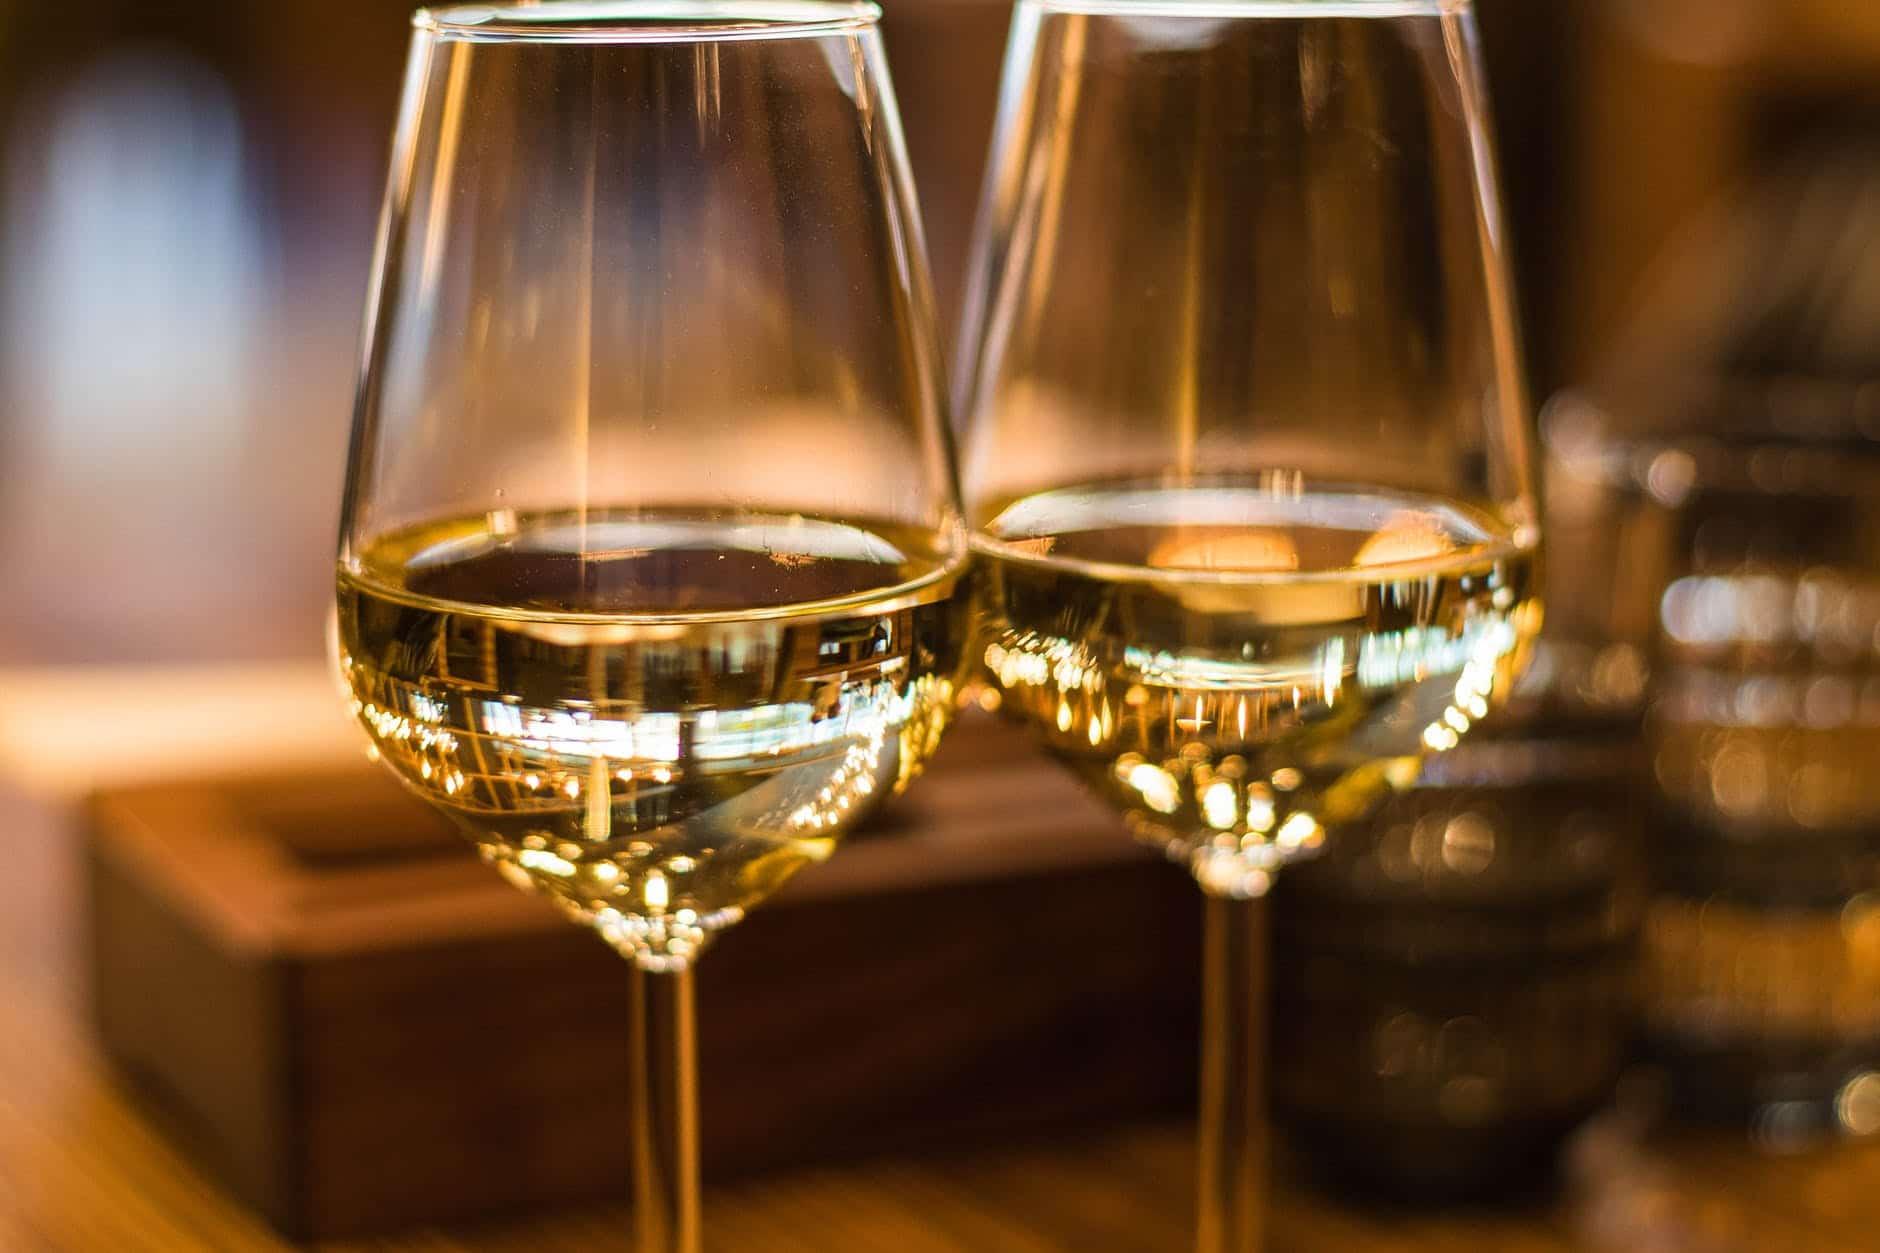 Wijn voor de echte wijnliefhebber